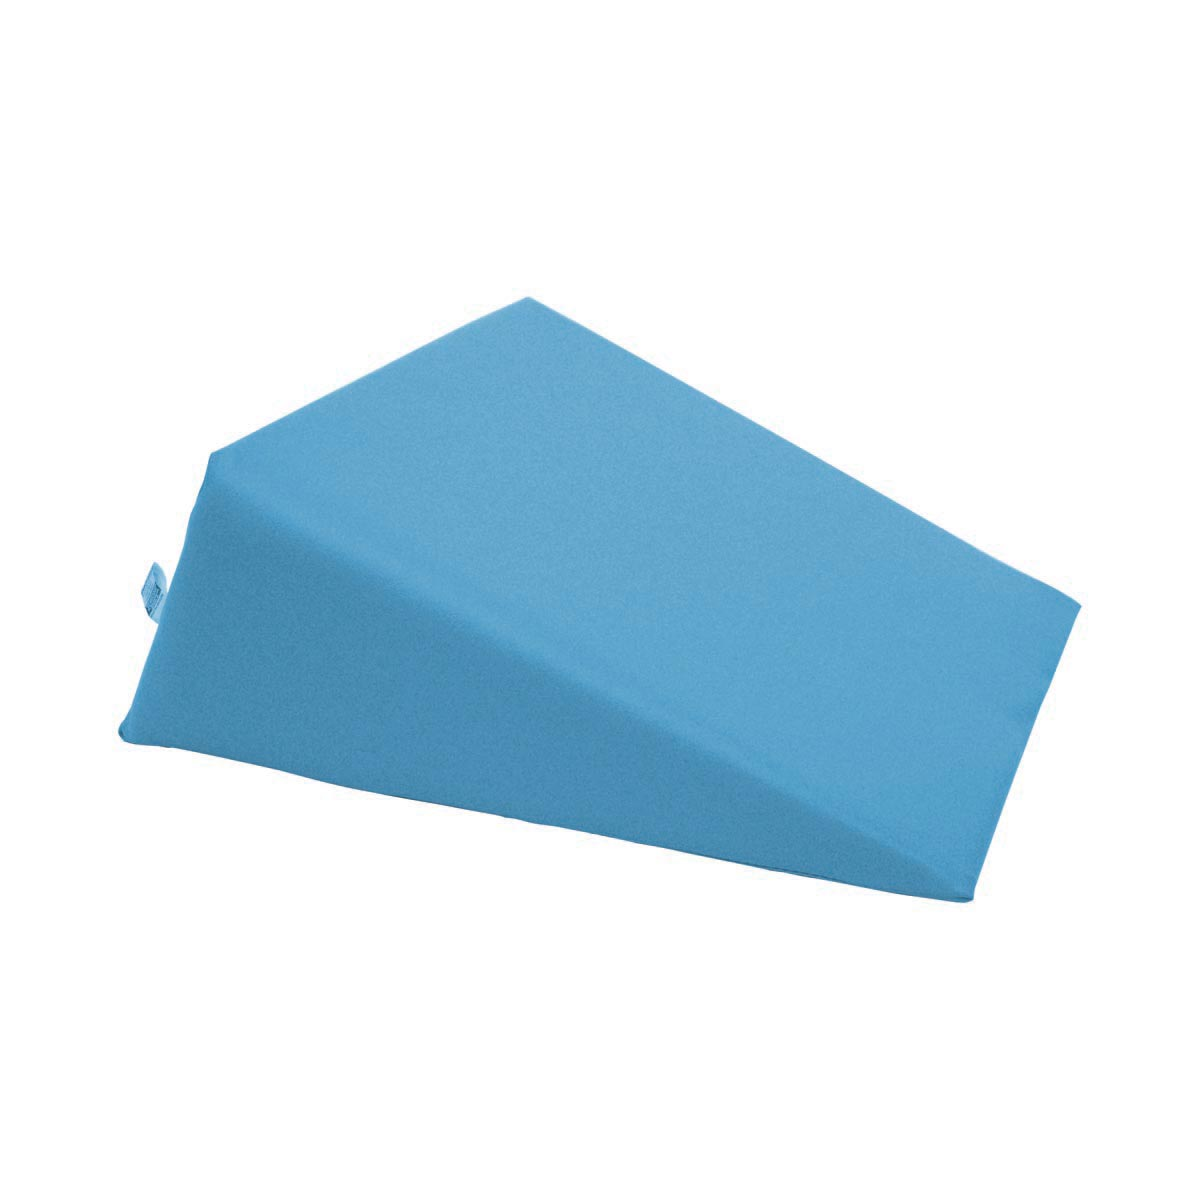 small foam wedge pillow light blue